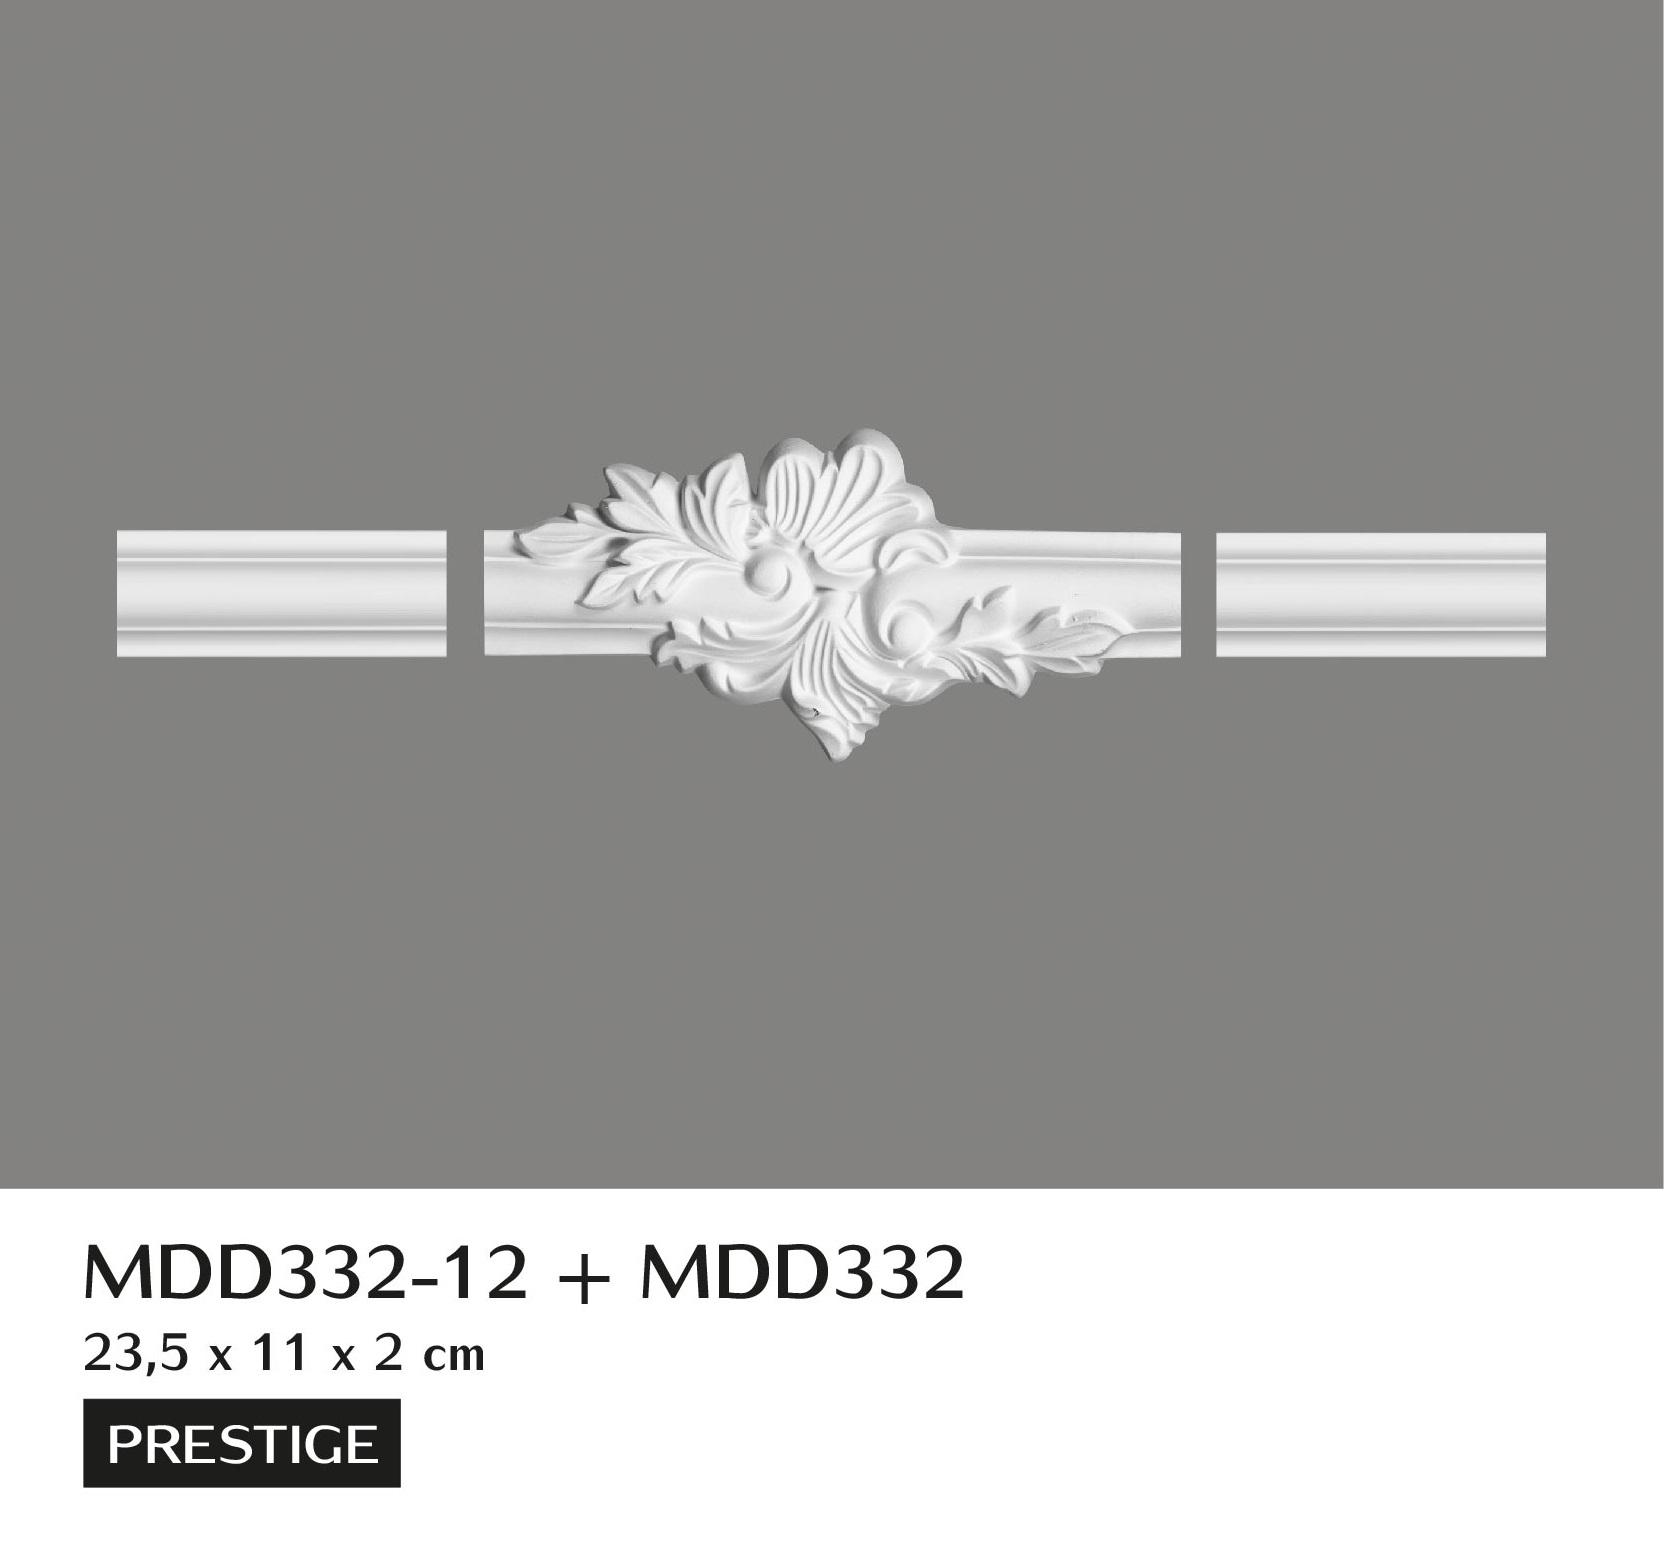 Mdd332 12